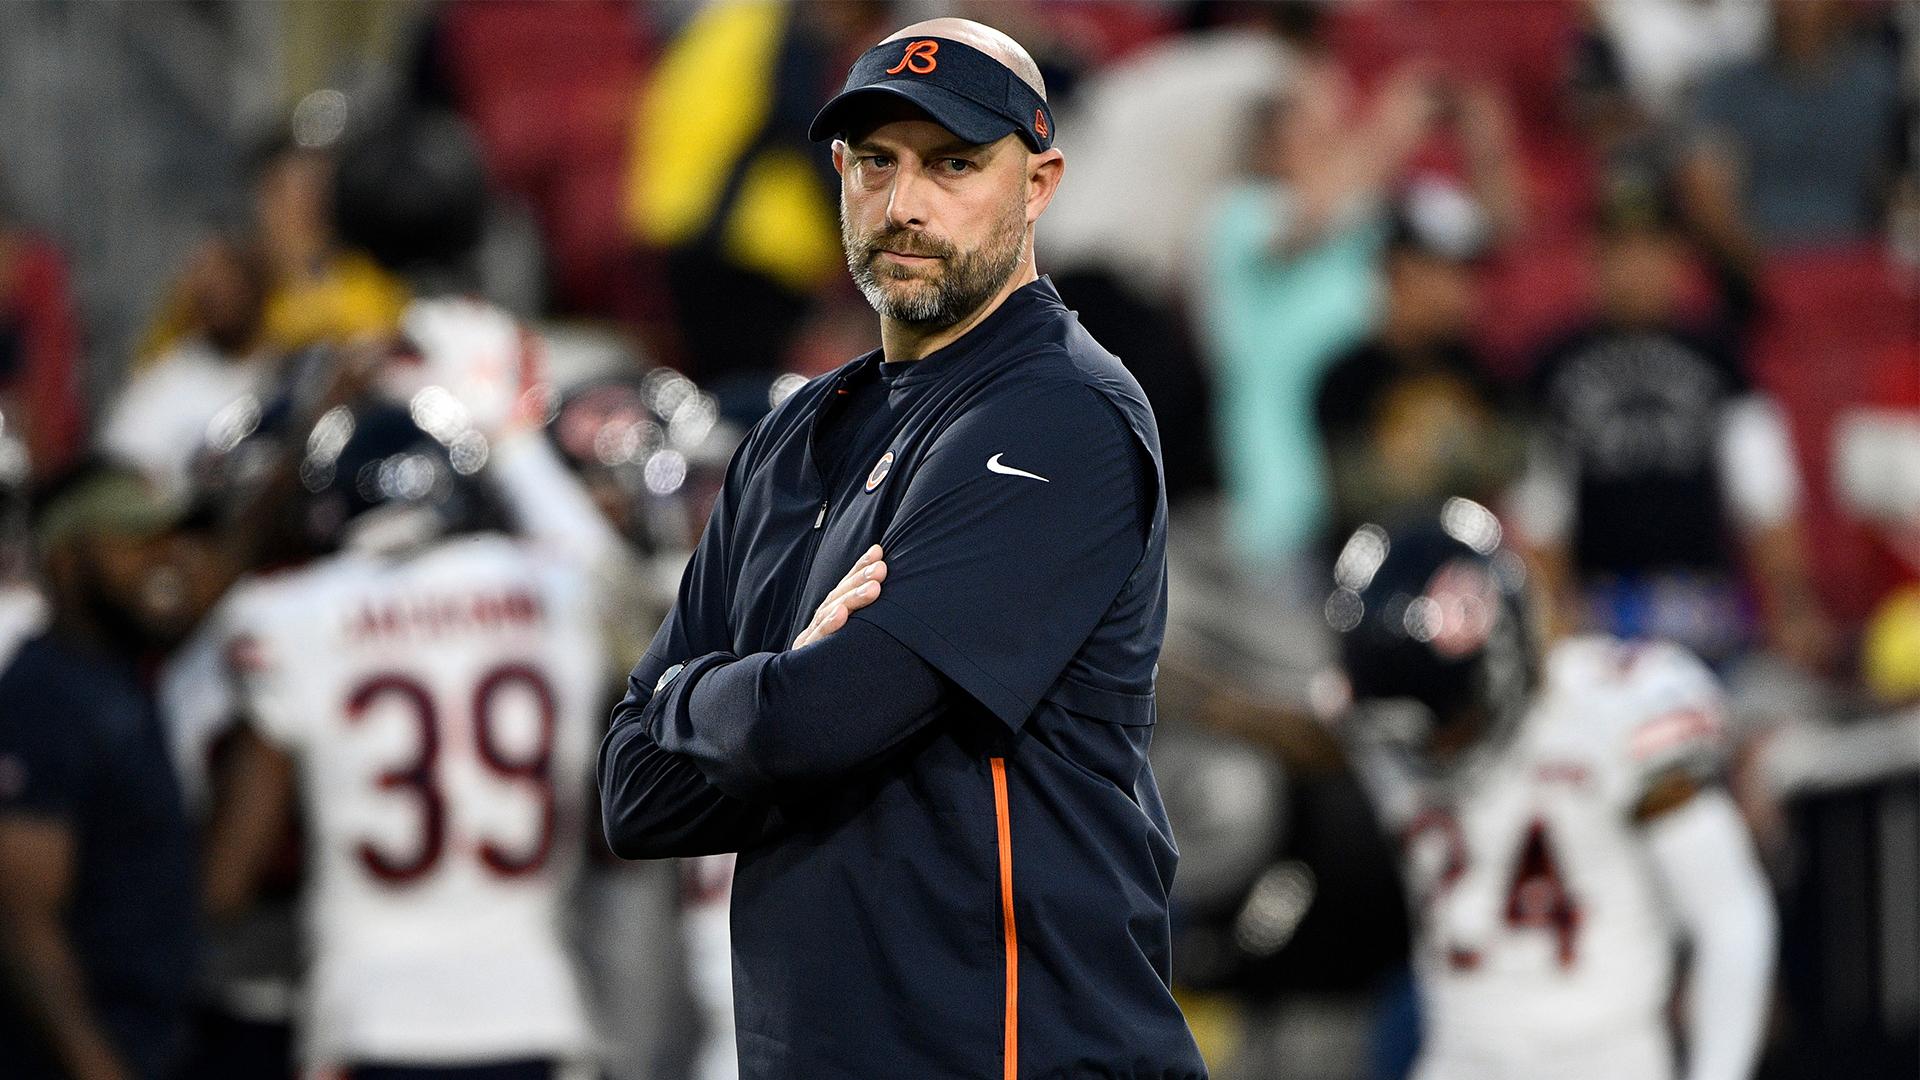 Chicago Bears Baş Koçu Matt Nagy, 2020 Sezonu Hakkında Açıklama Yaptı